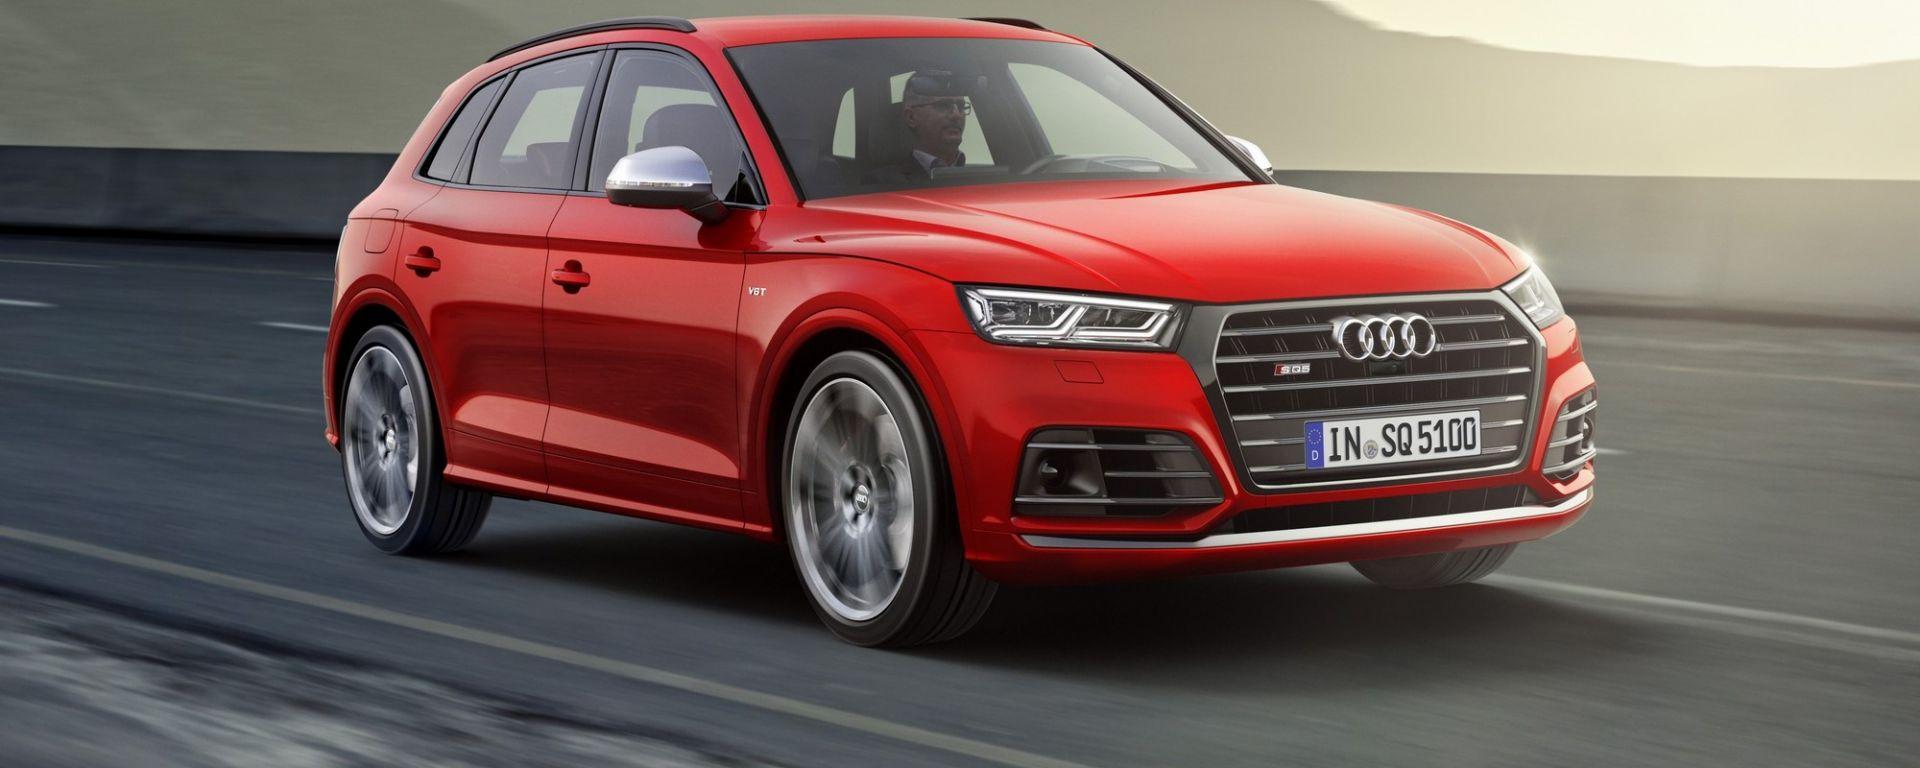 Nuova Audi SQ5: la prova su strada